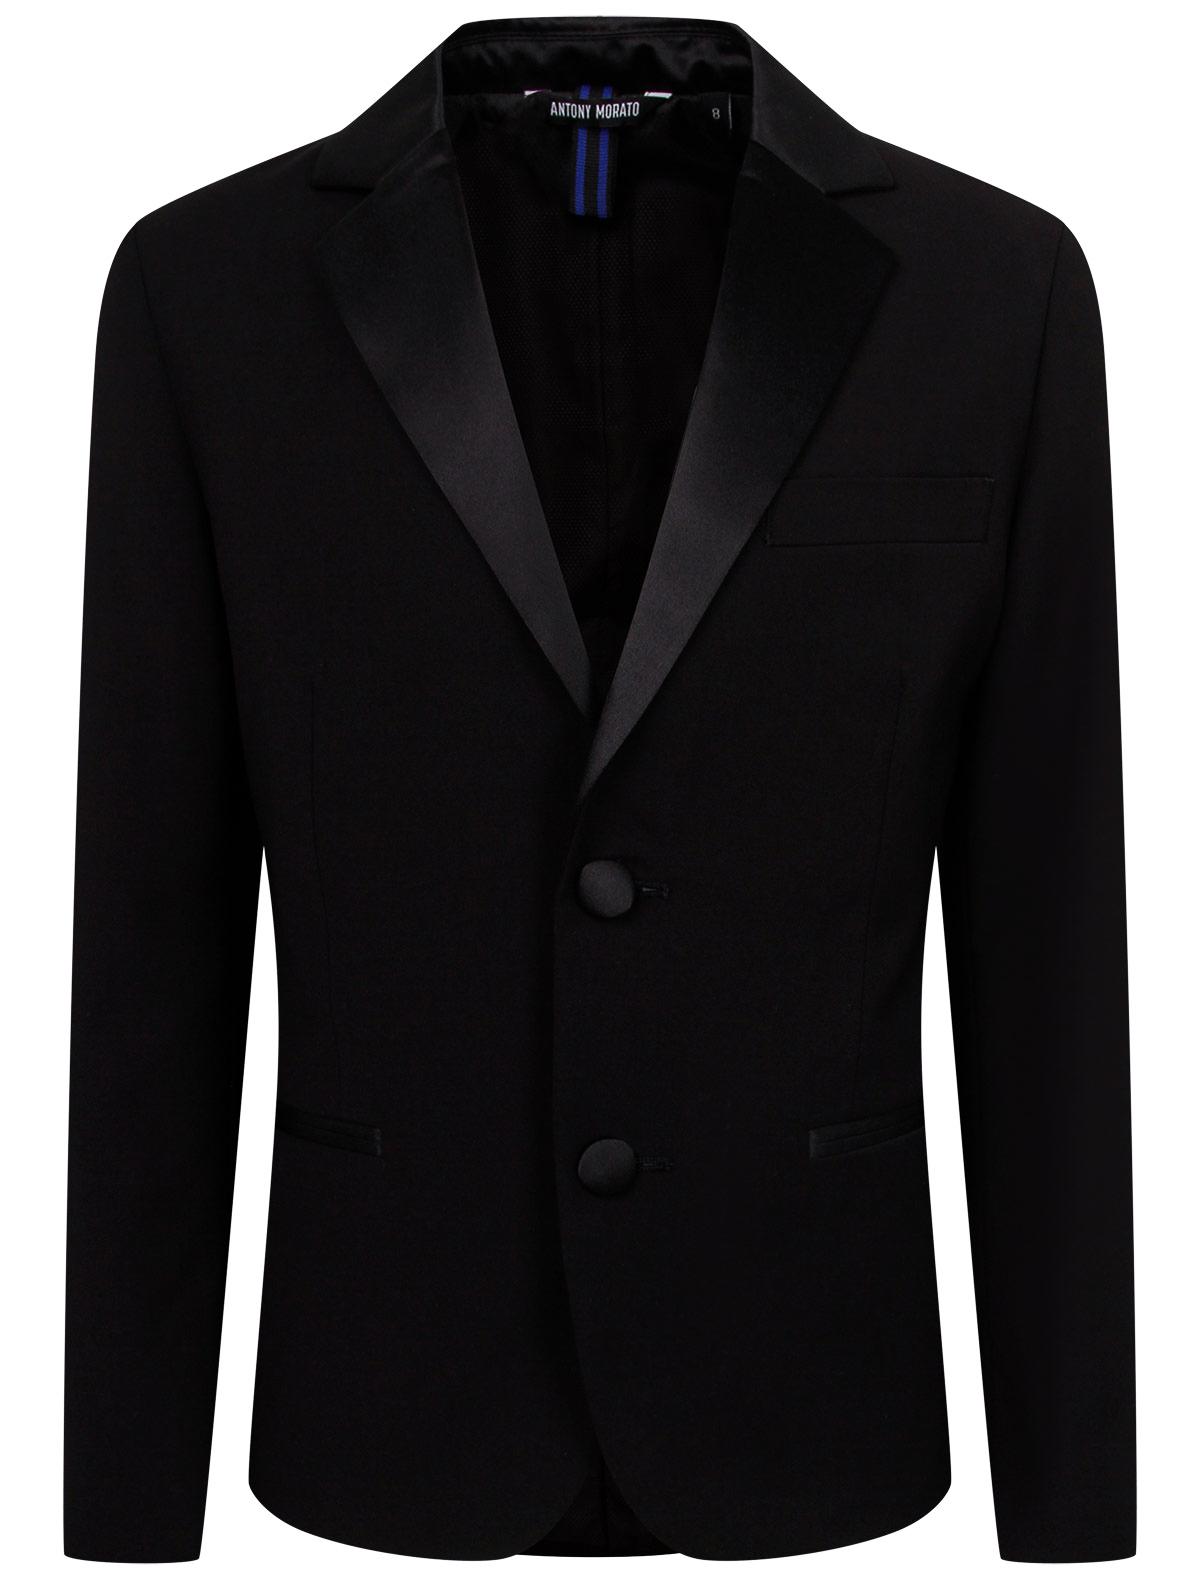 Купить 2232252, Пиджак Antony Morato, черный, Мужской, 1334519080468